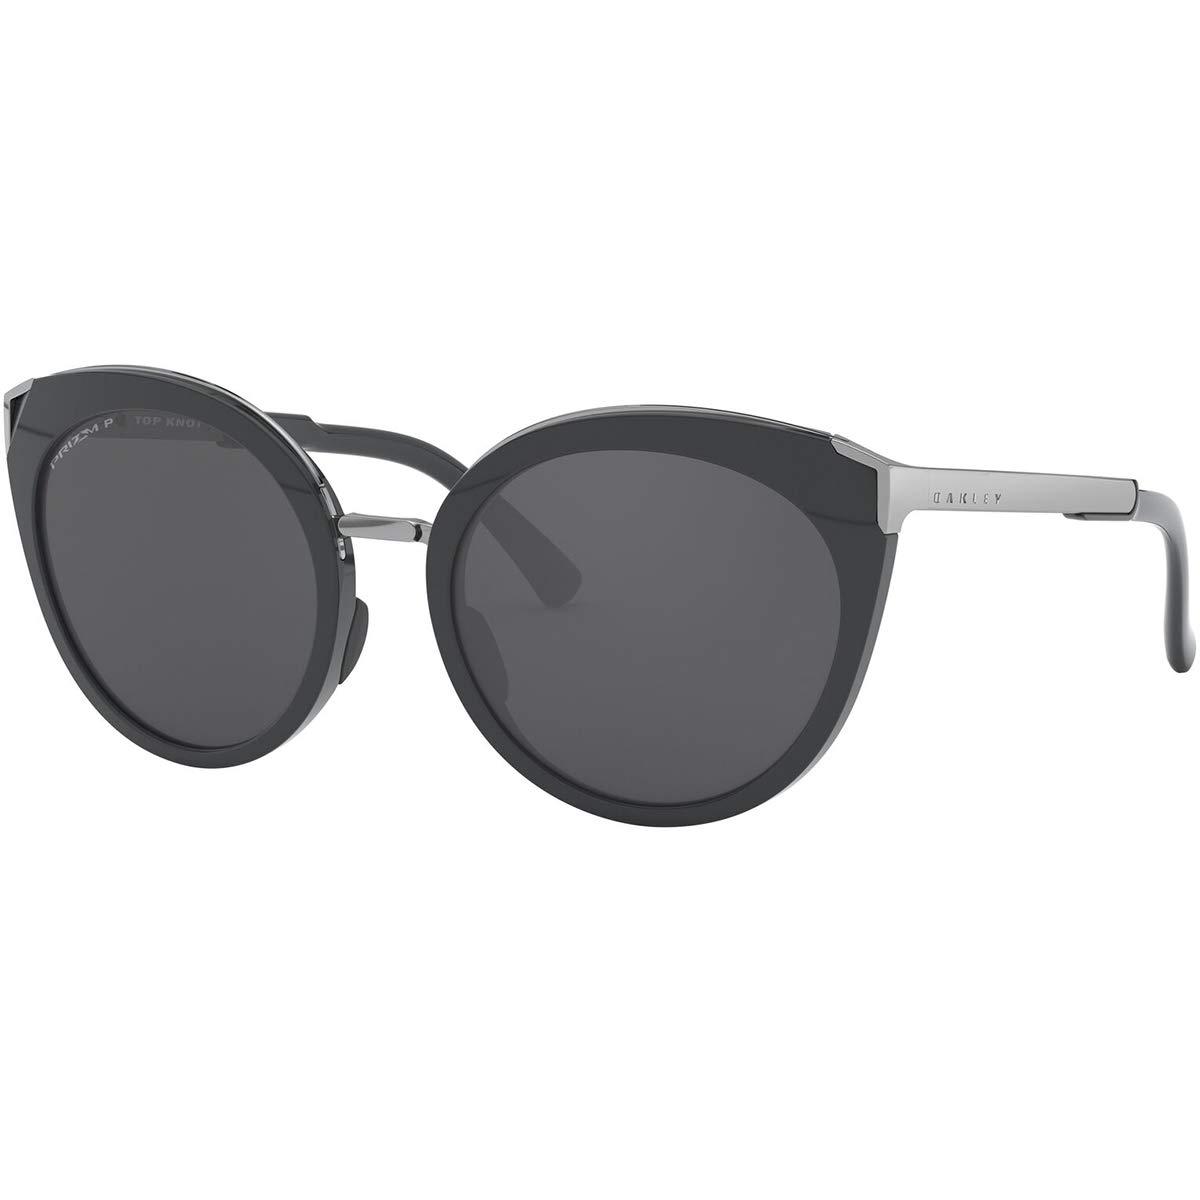 Oakley Women's OO9434 Top Knot Cat Eye Sunglasses, Carbon/Prizm Black Polarized, 56 mm by Oakley